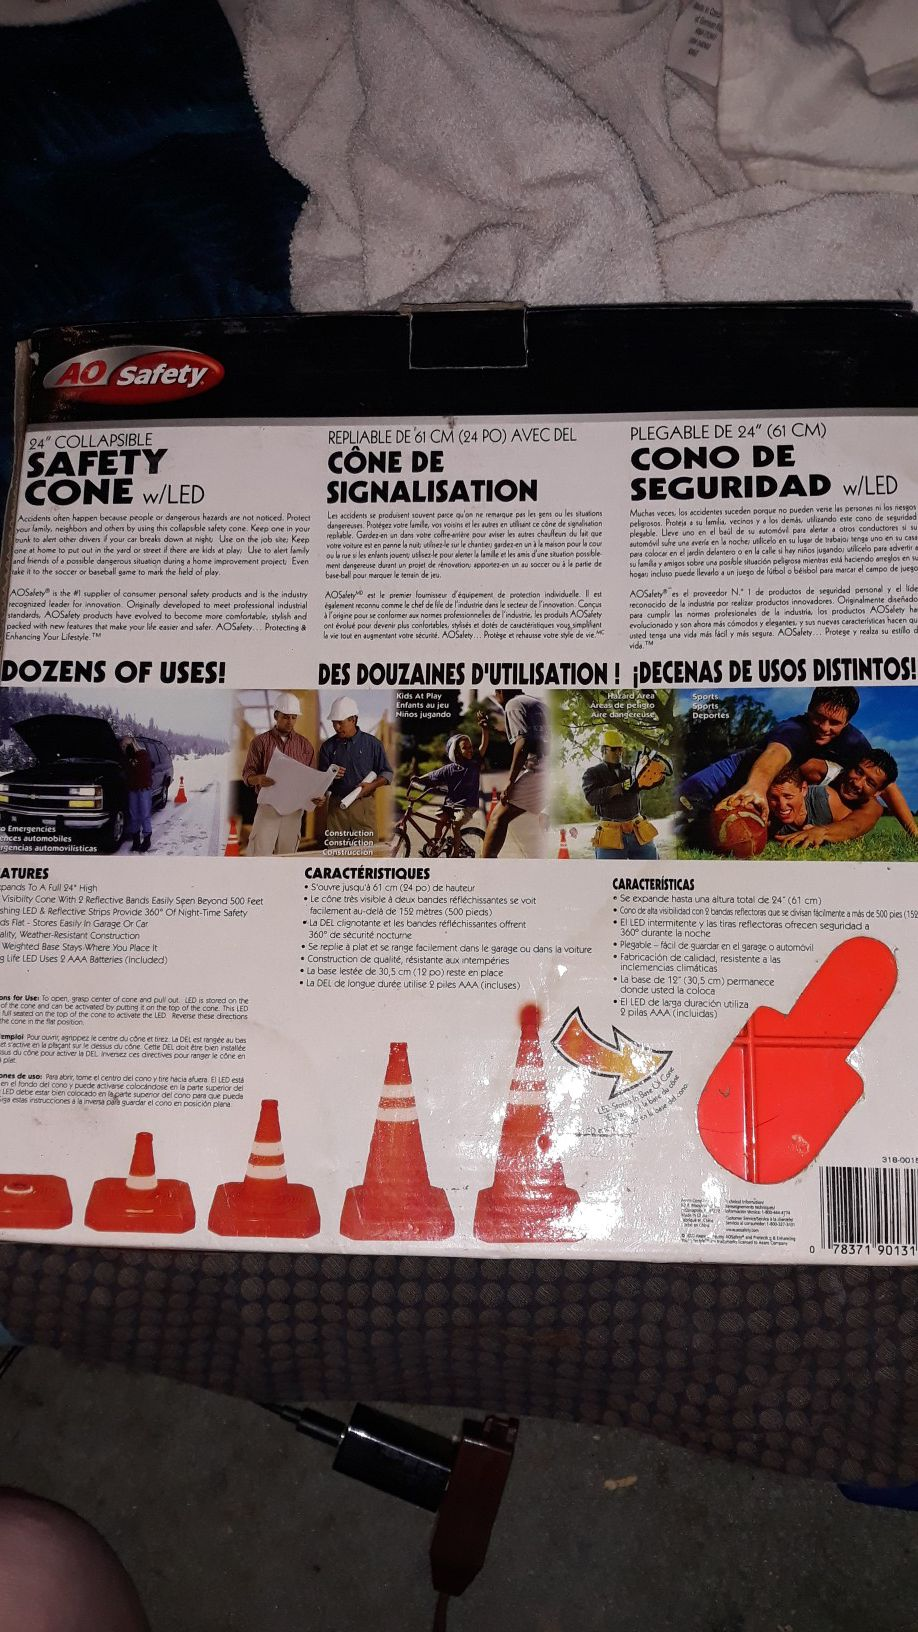 AO safety cone